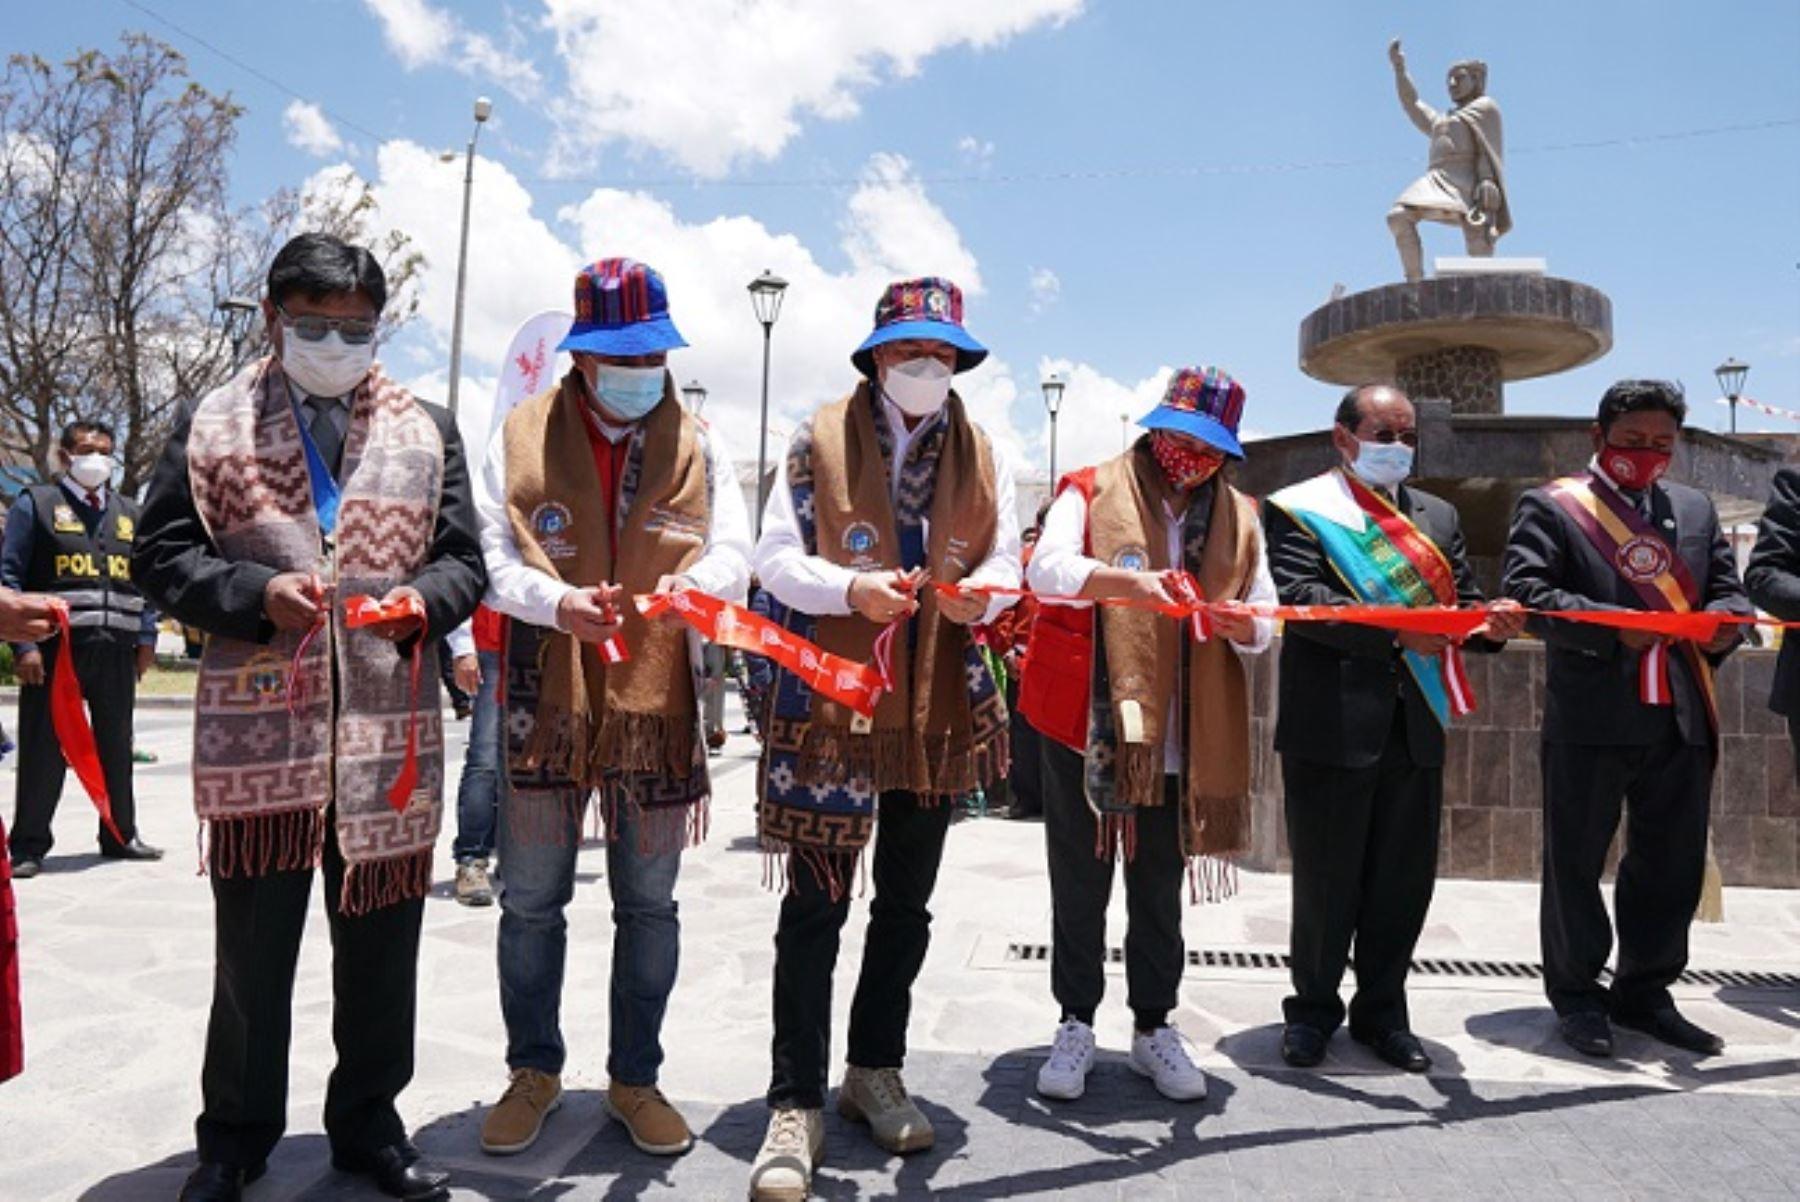 Con una inversión de S/ 9 millones en infraestructura, además de capacitaciones y apoyo a emprendedores, la región Puno inicia el camino de retorno al turismo.